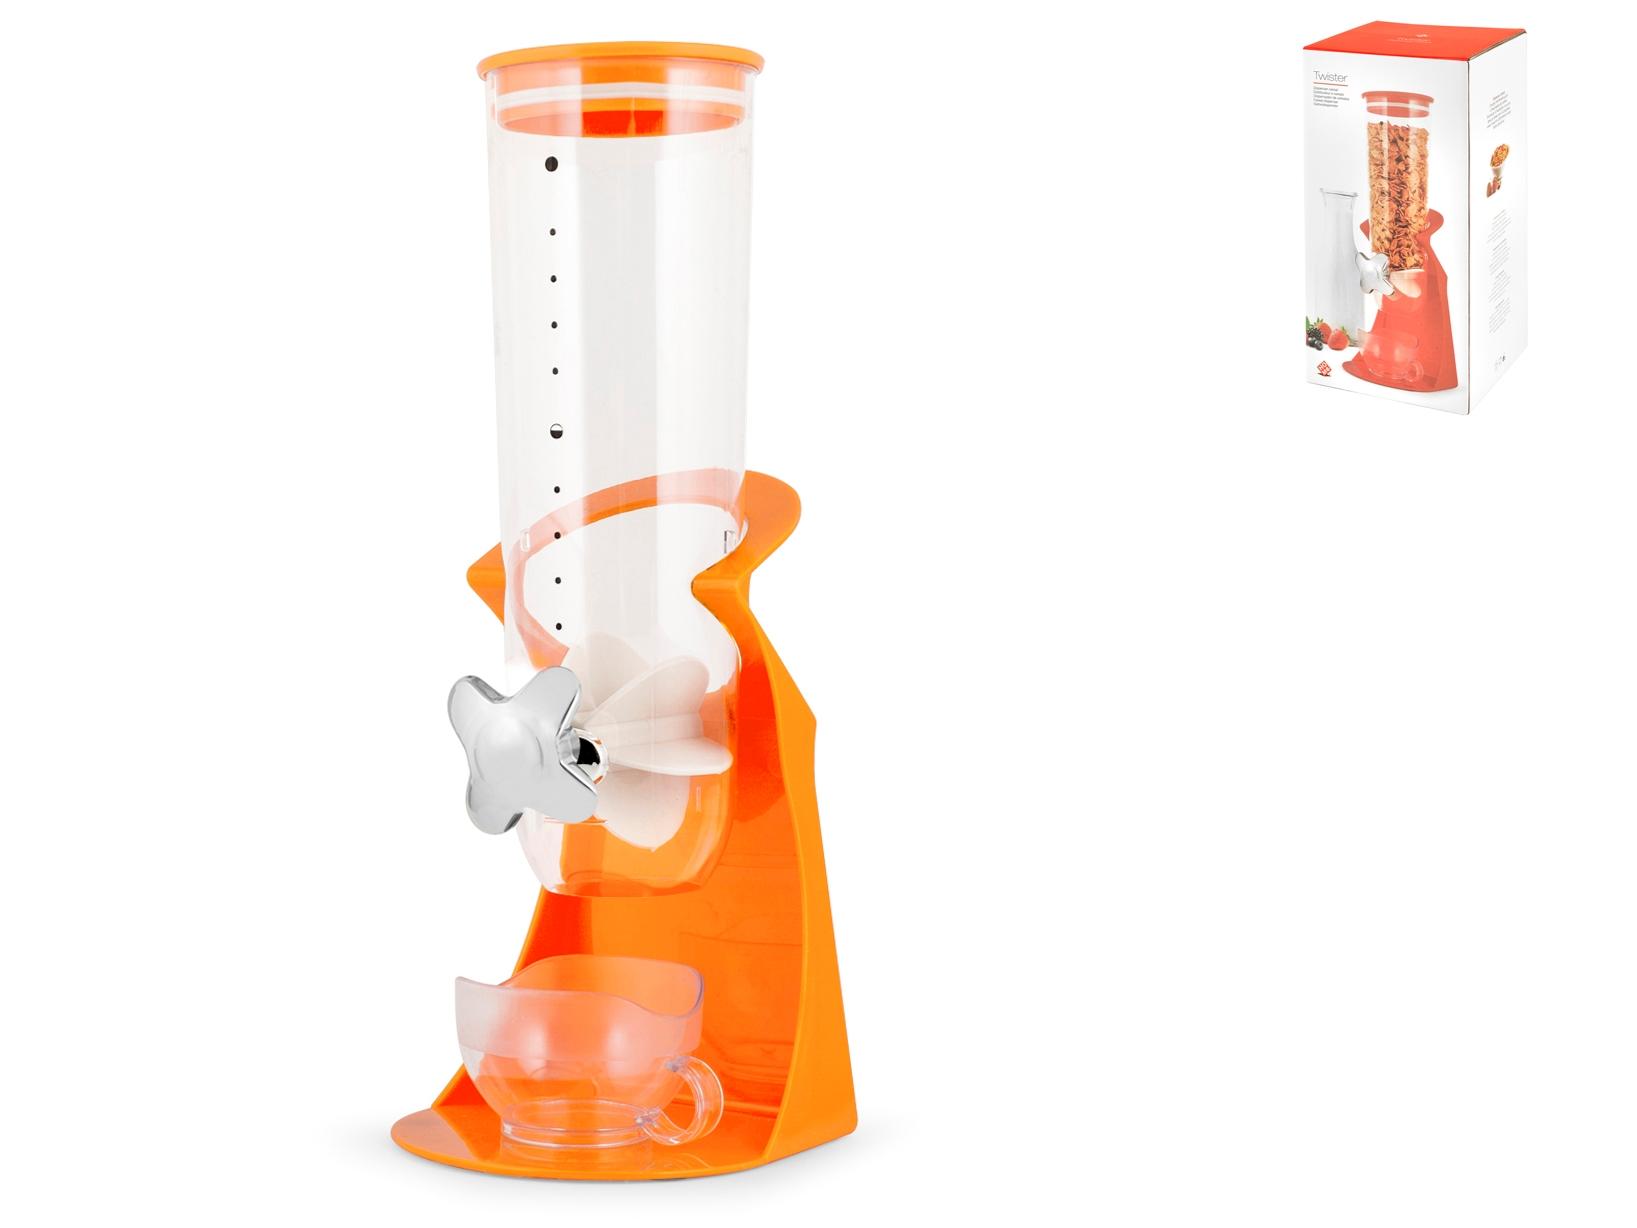 Dispenser Cereali Polistirene Colore Arancio